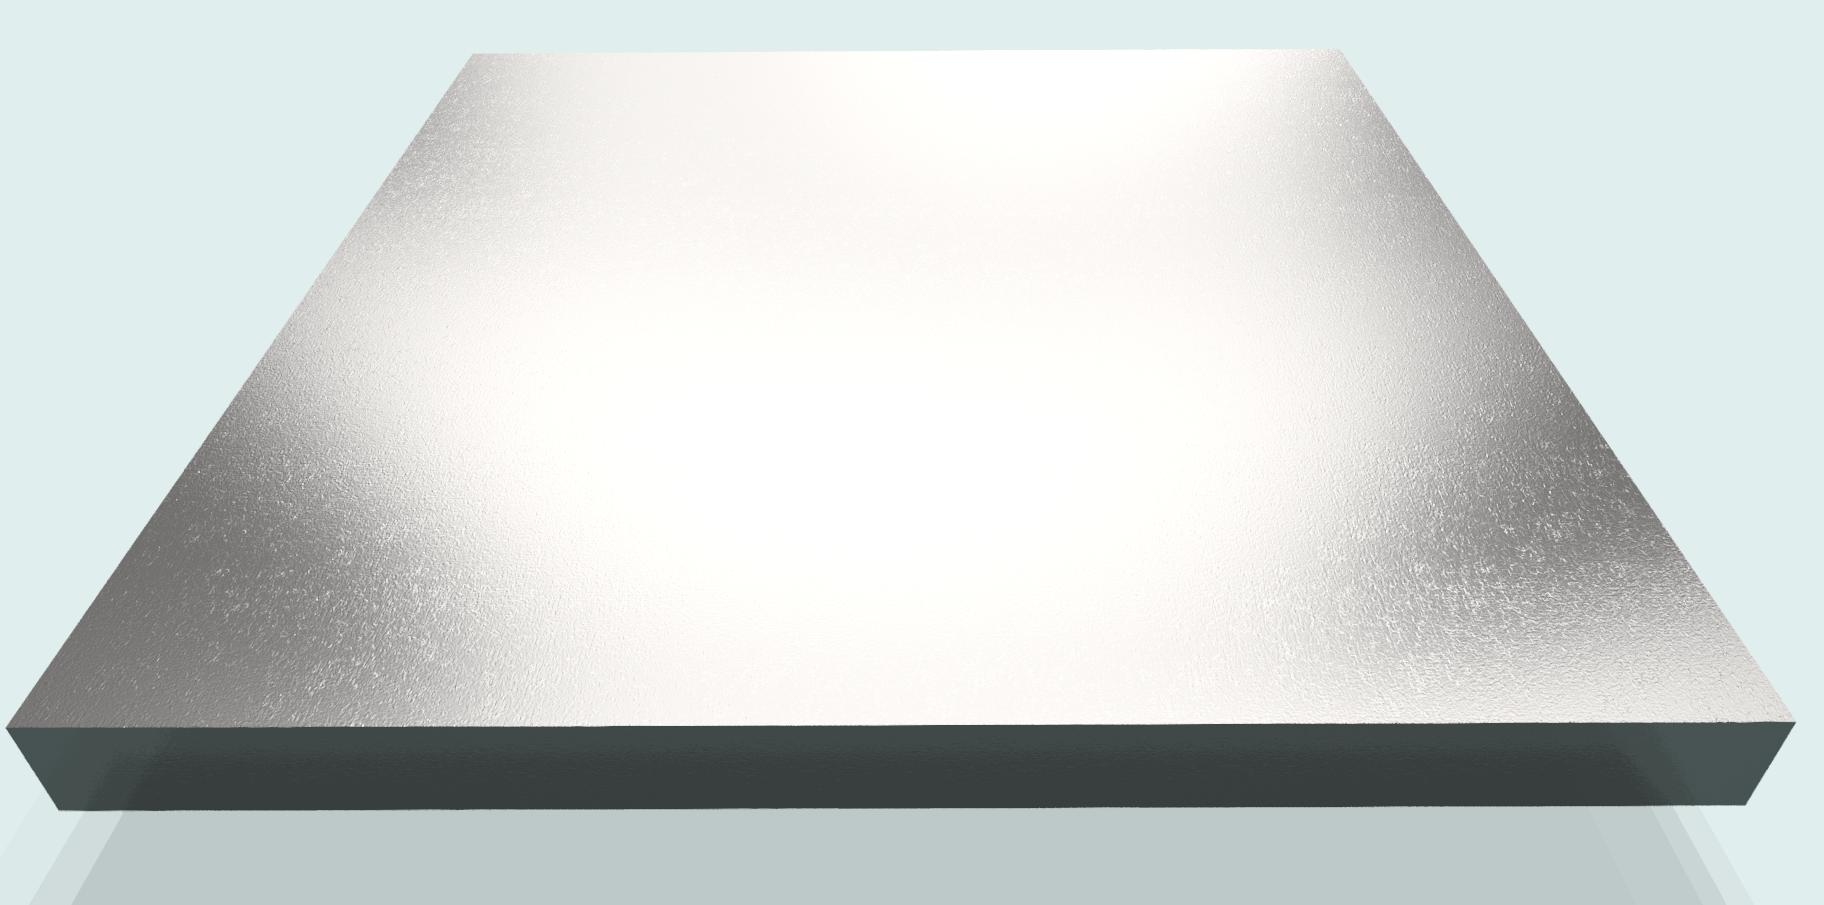 Blech 15mm St, blank